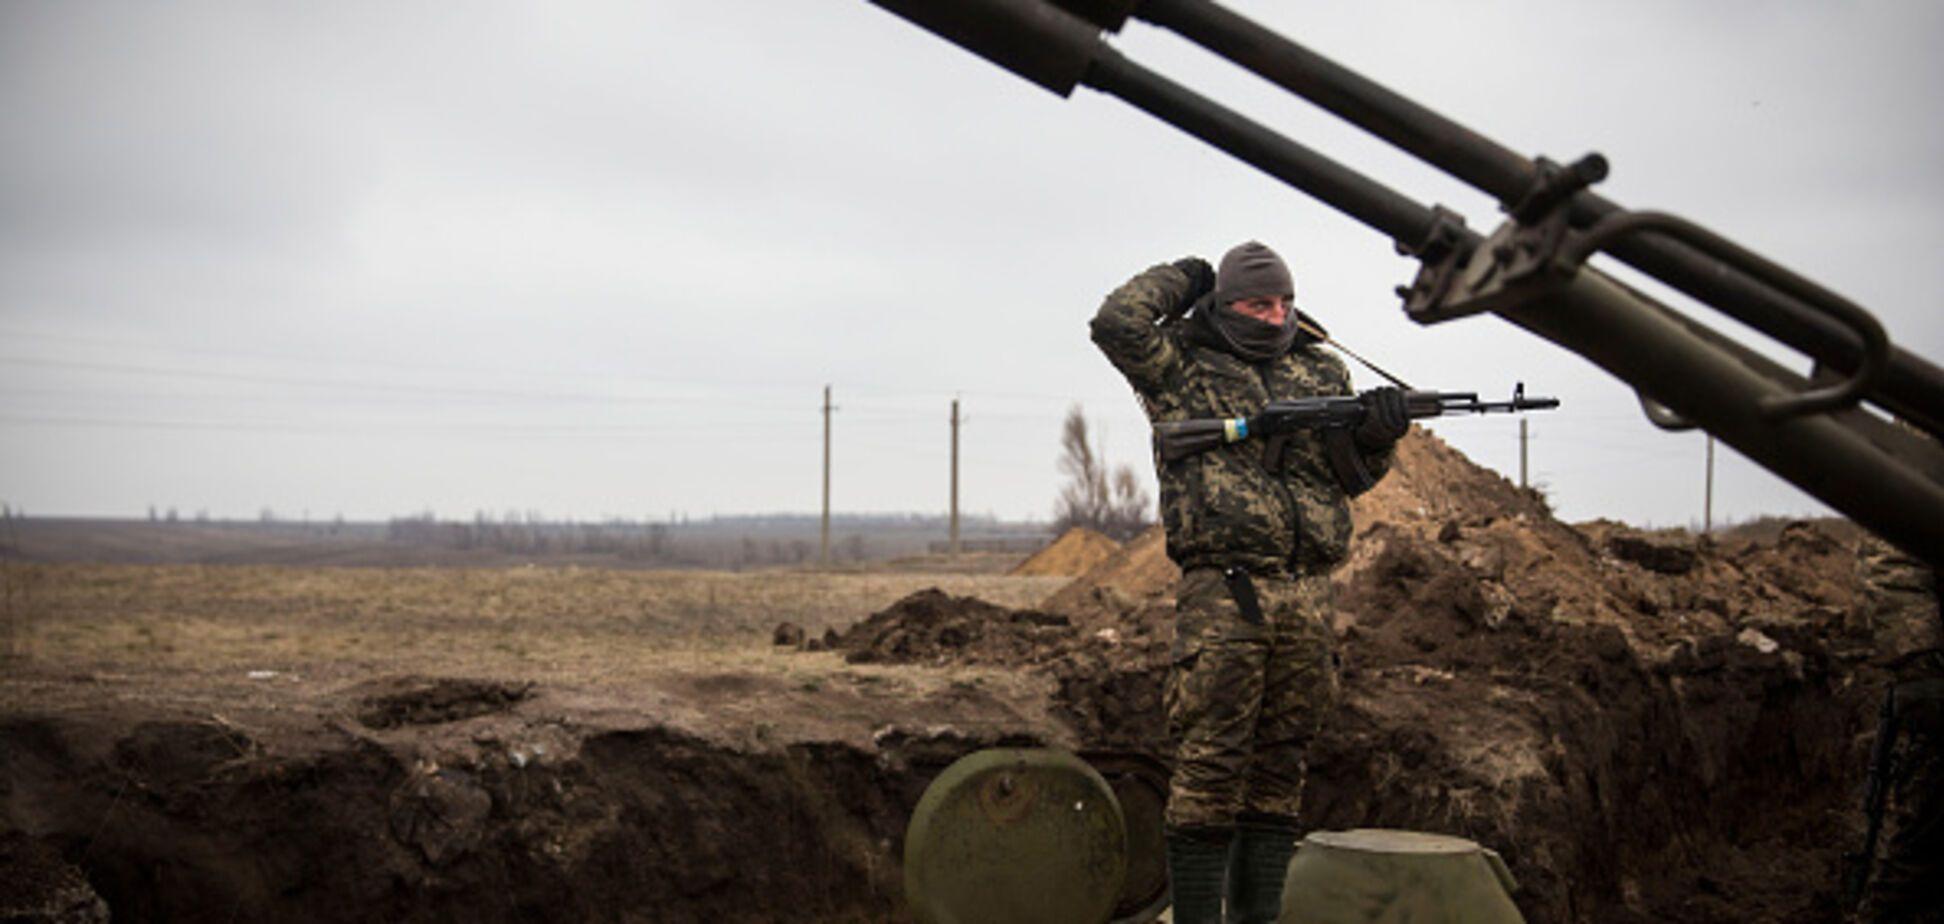 В ВСУ подтвердили факт ''охоты на призывников'': что происходит